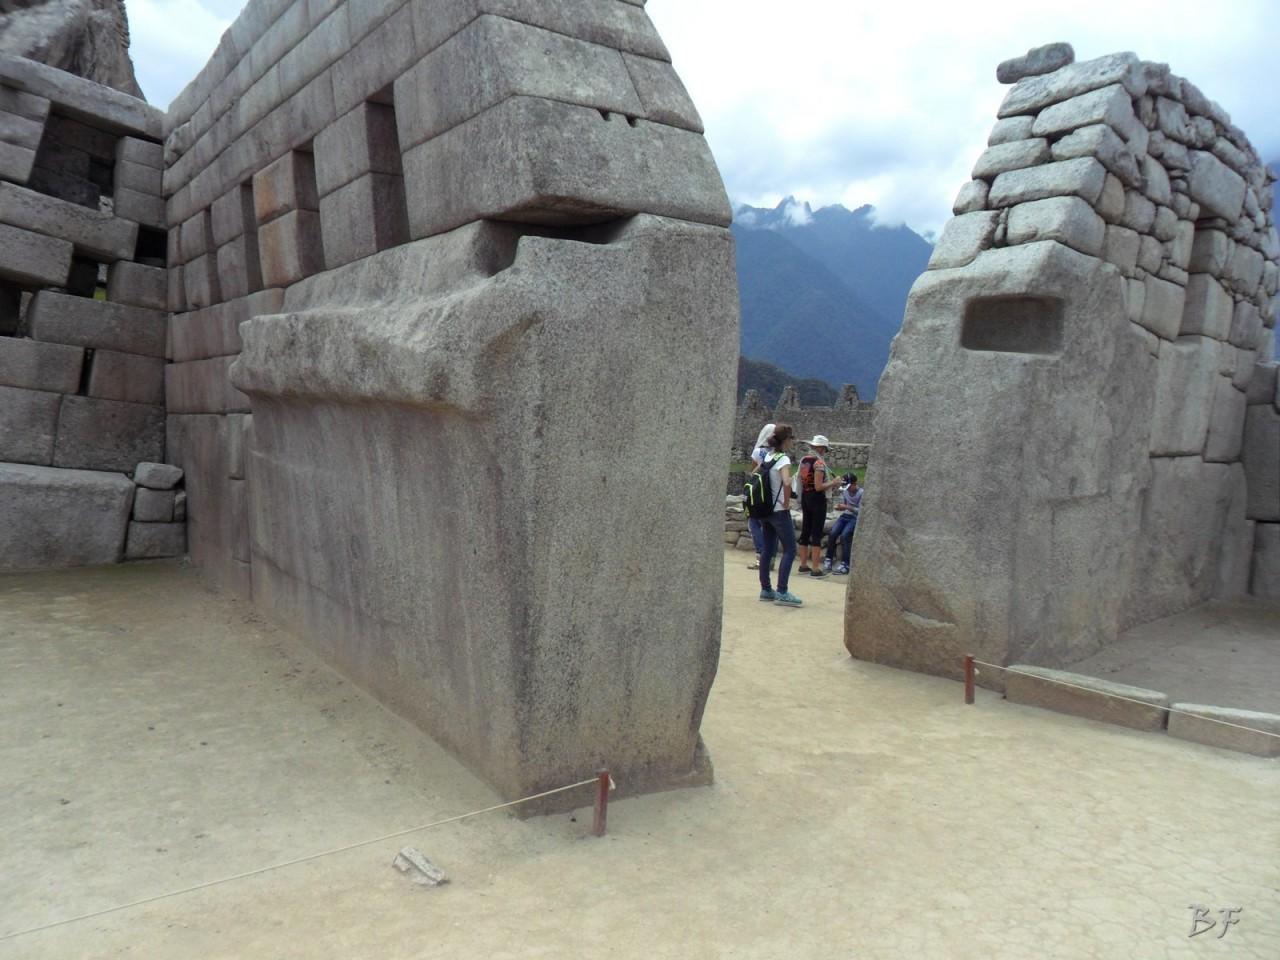 Mura-Poligonali-Incisioni-Altari-Edifici-Rupestri-Megaliti-Machu-Picchu-Aguas-Calientes-Urubamba-Cusco-Perù-109